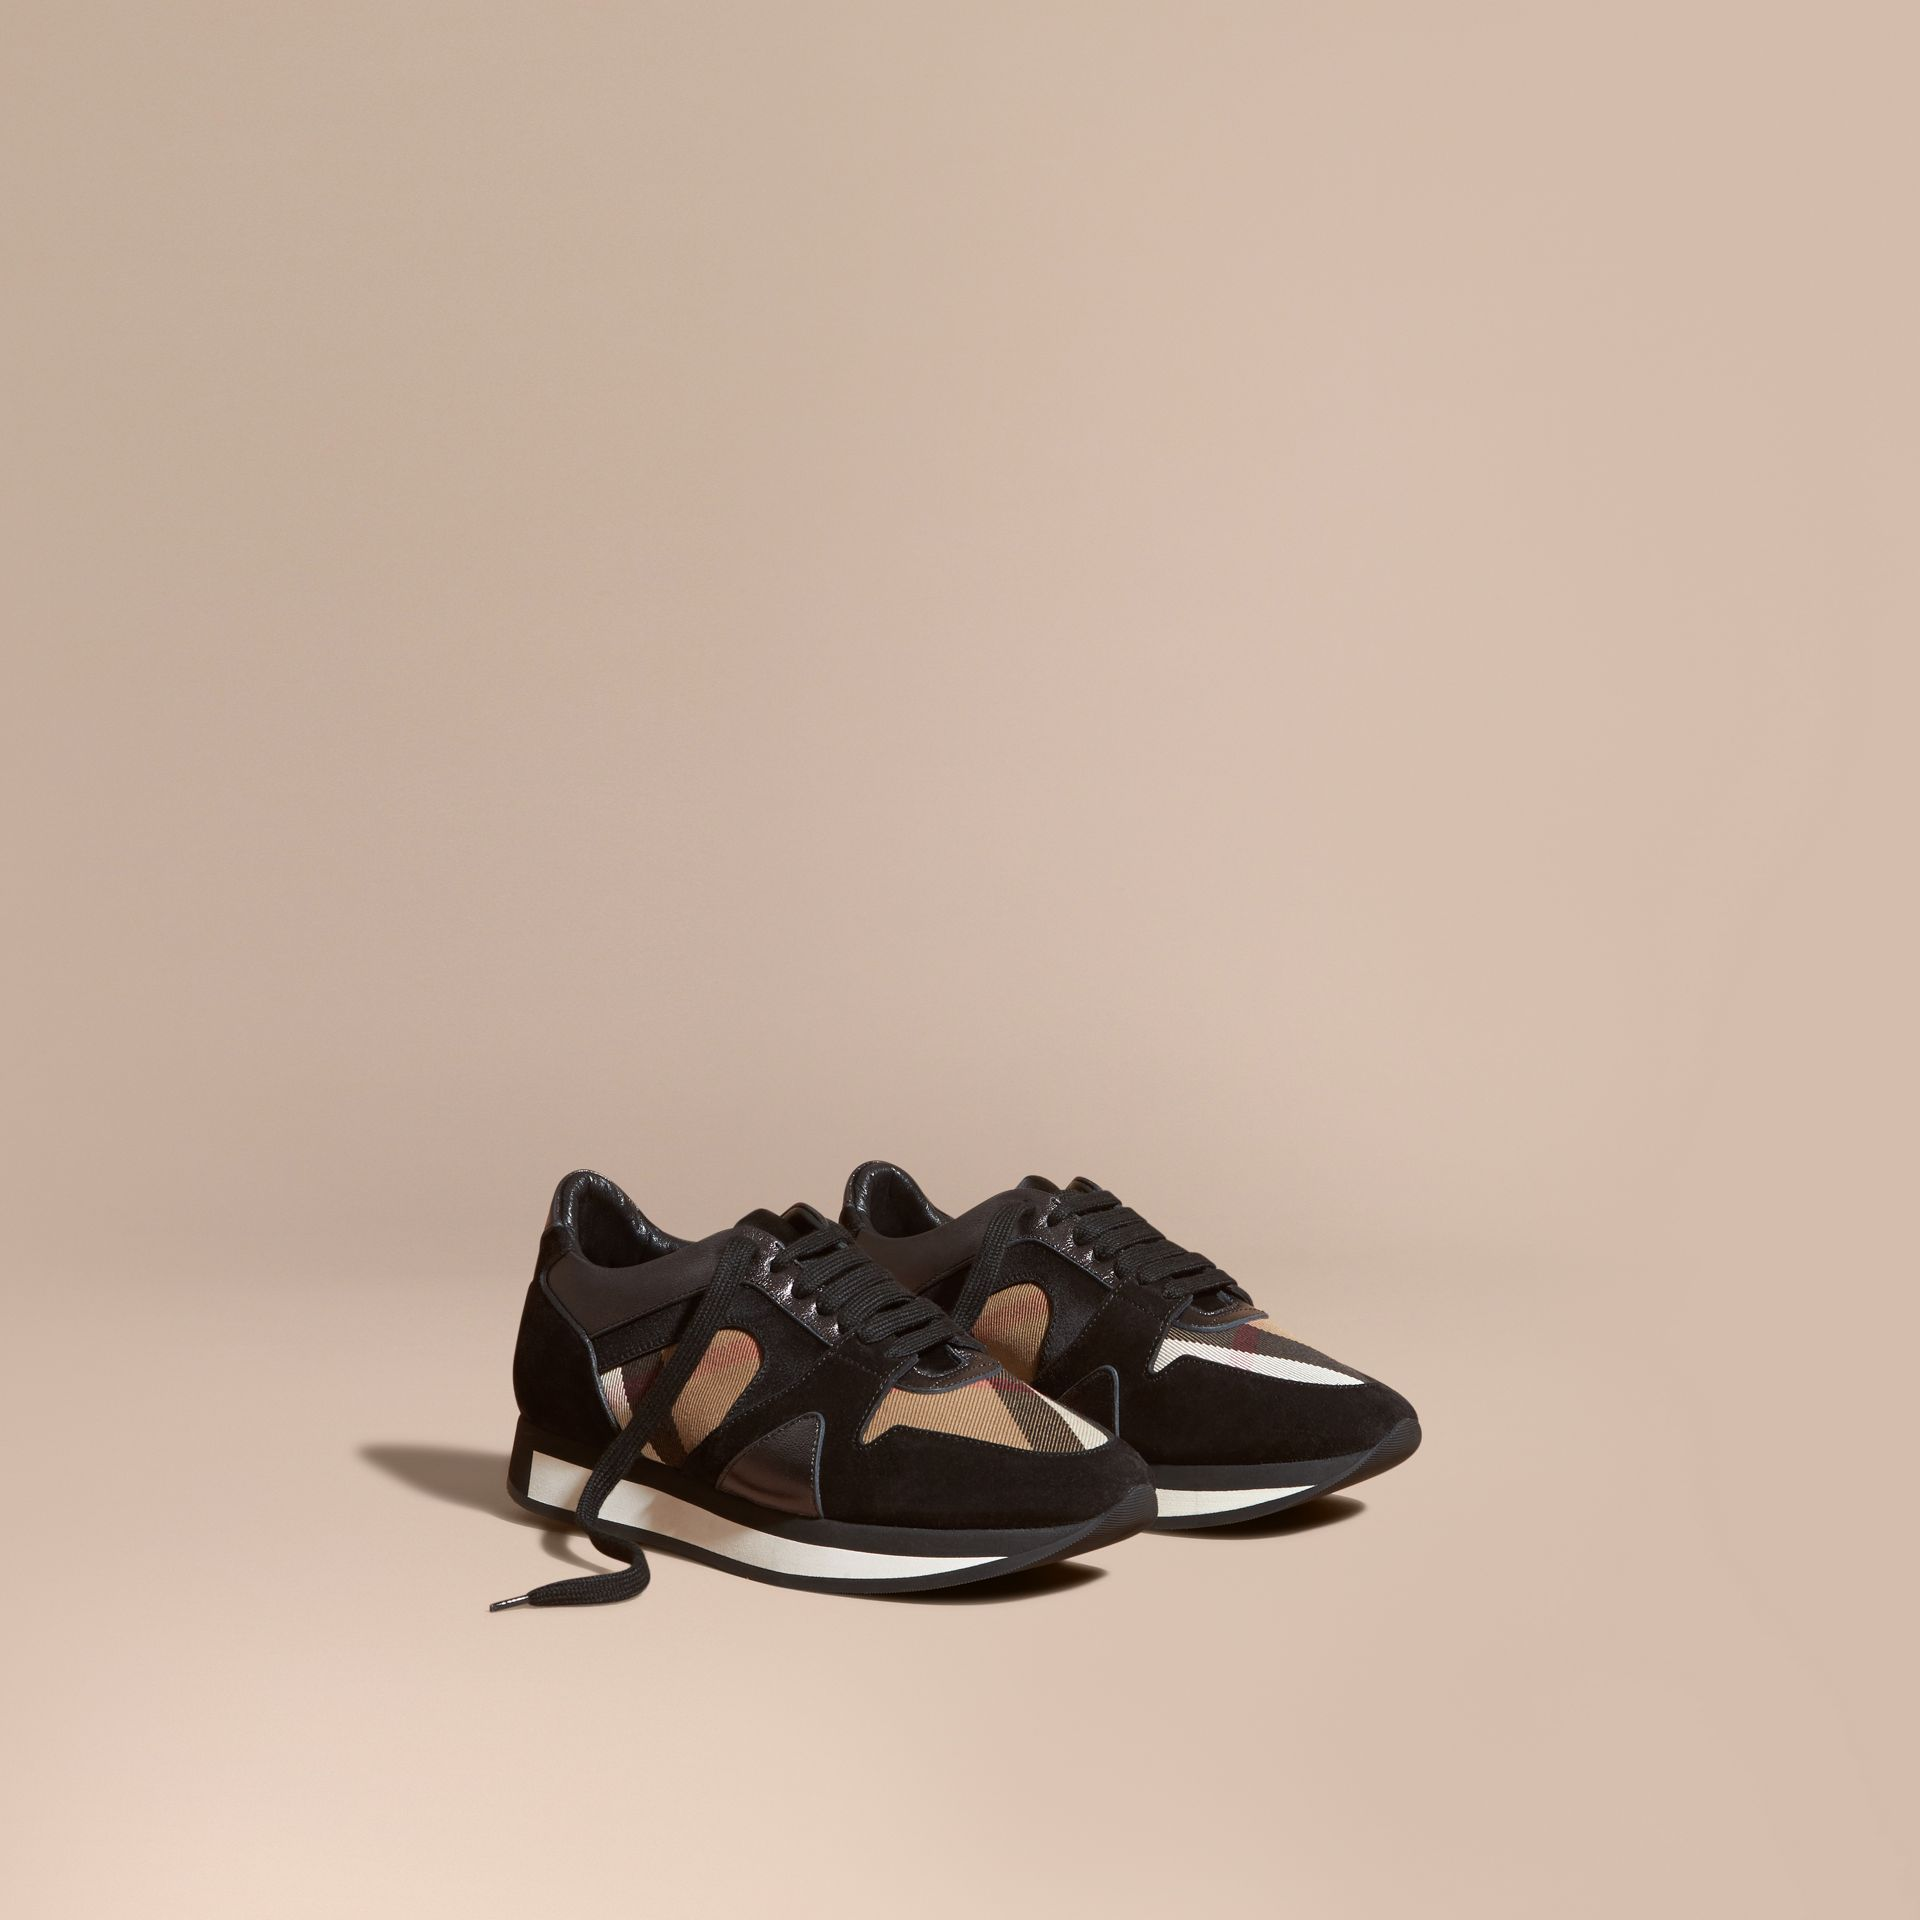 House check/smoke métallisé Field Sneakers en tissu à motif House check, cuir velours et cuir - photo de la galerie 1